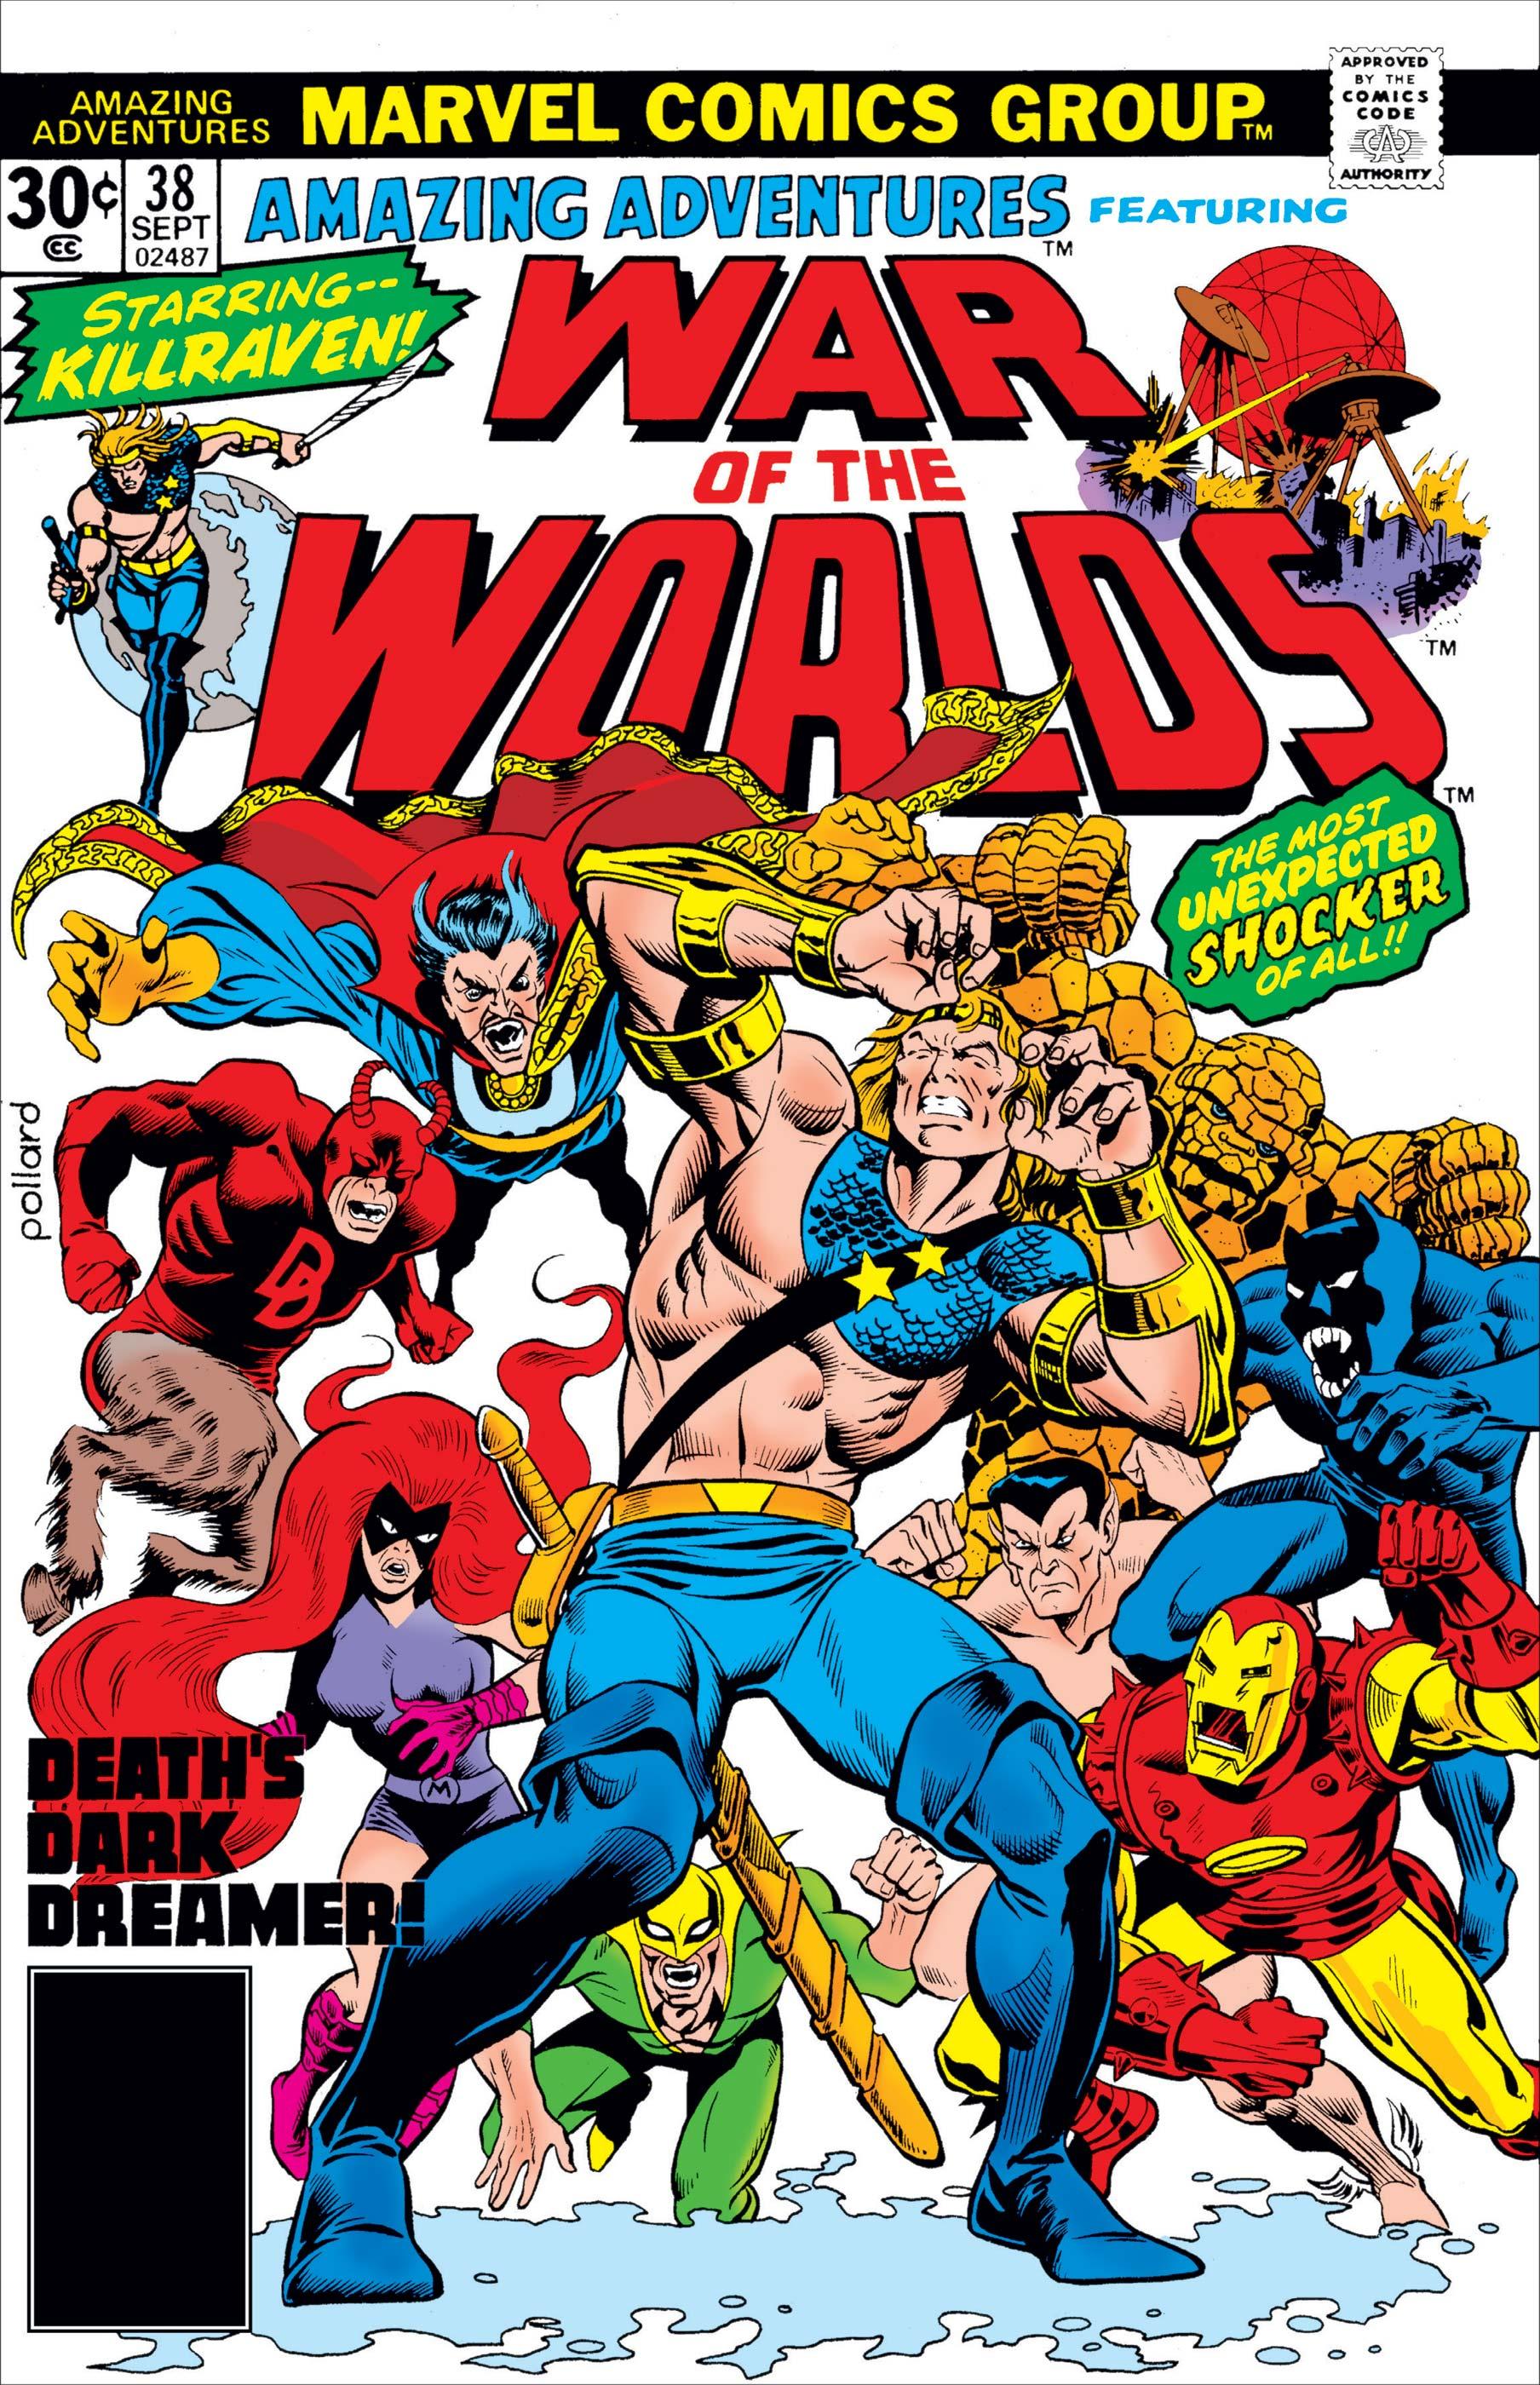 Amazing Adventures (1970) #38